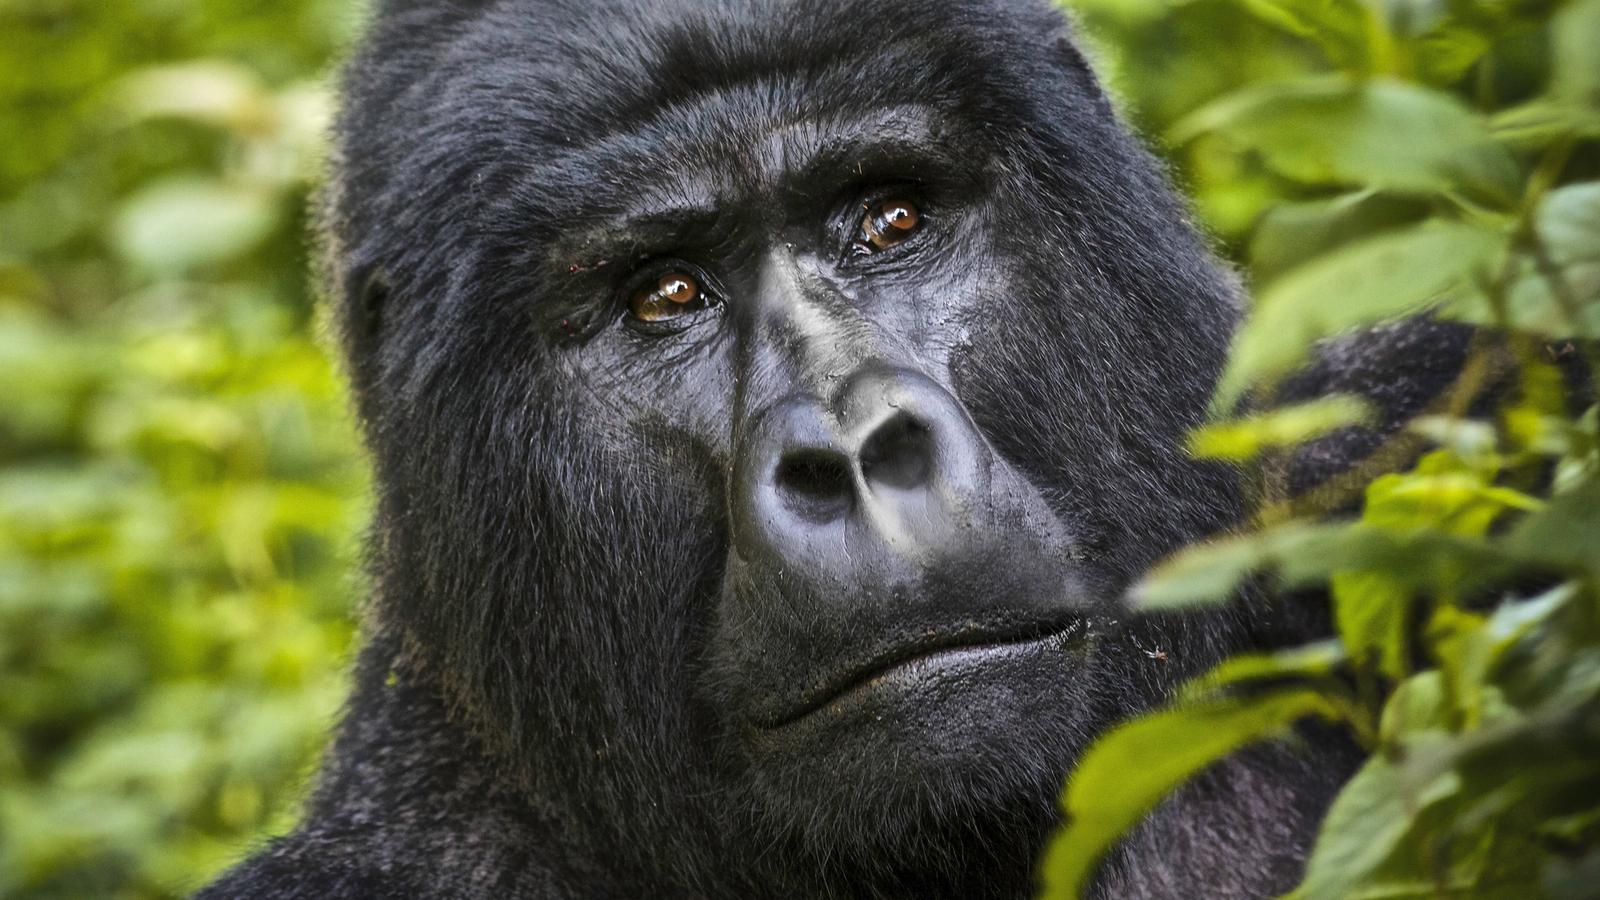 Reisen für junge Leute traveljunkies Uganda Kenia Gorillas Schimpansen Abenteuerreise Erlebnisreise Afrika Safari Adventure Gruppenreise Nairobi Lake Nakuru Lake Bunyonyi Kalinzu Forest